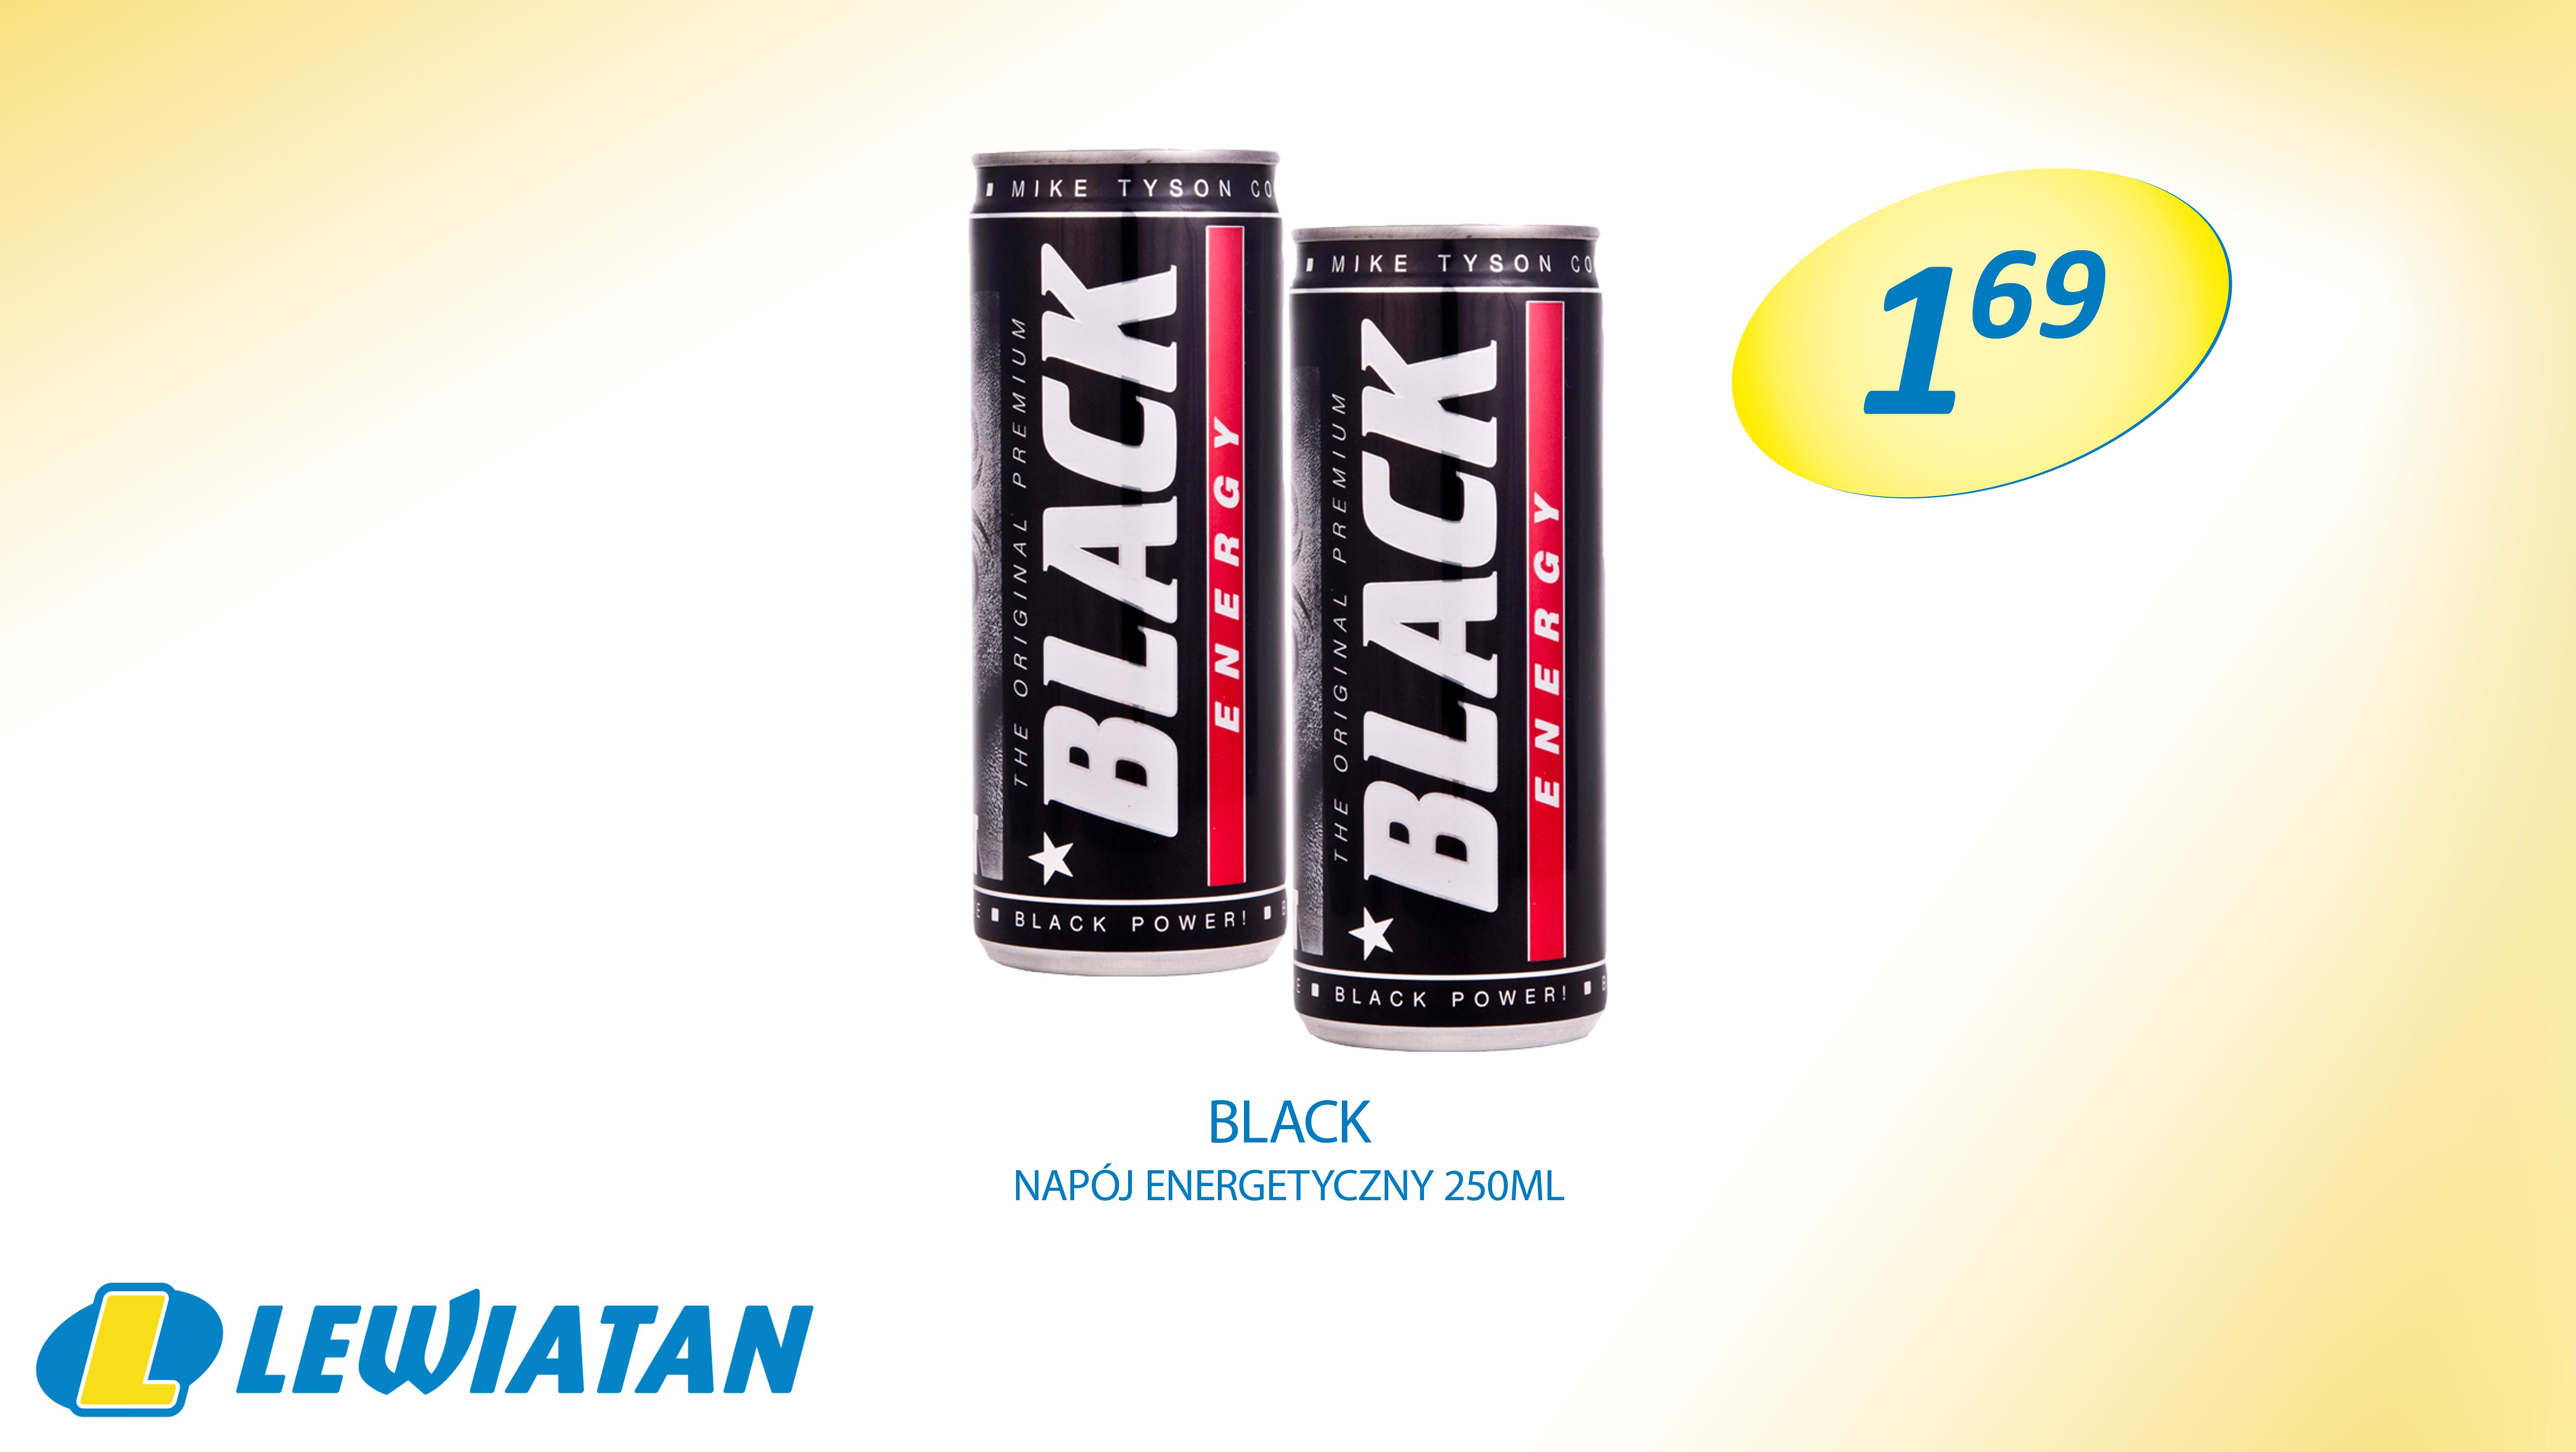 BLACK-169